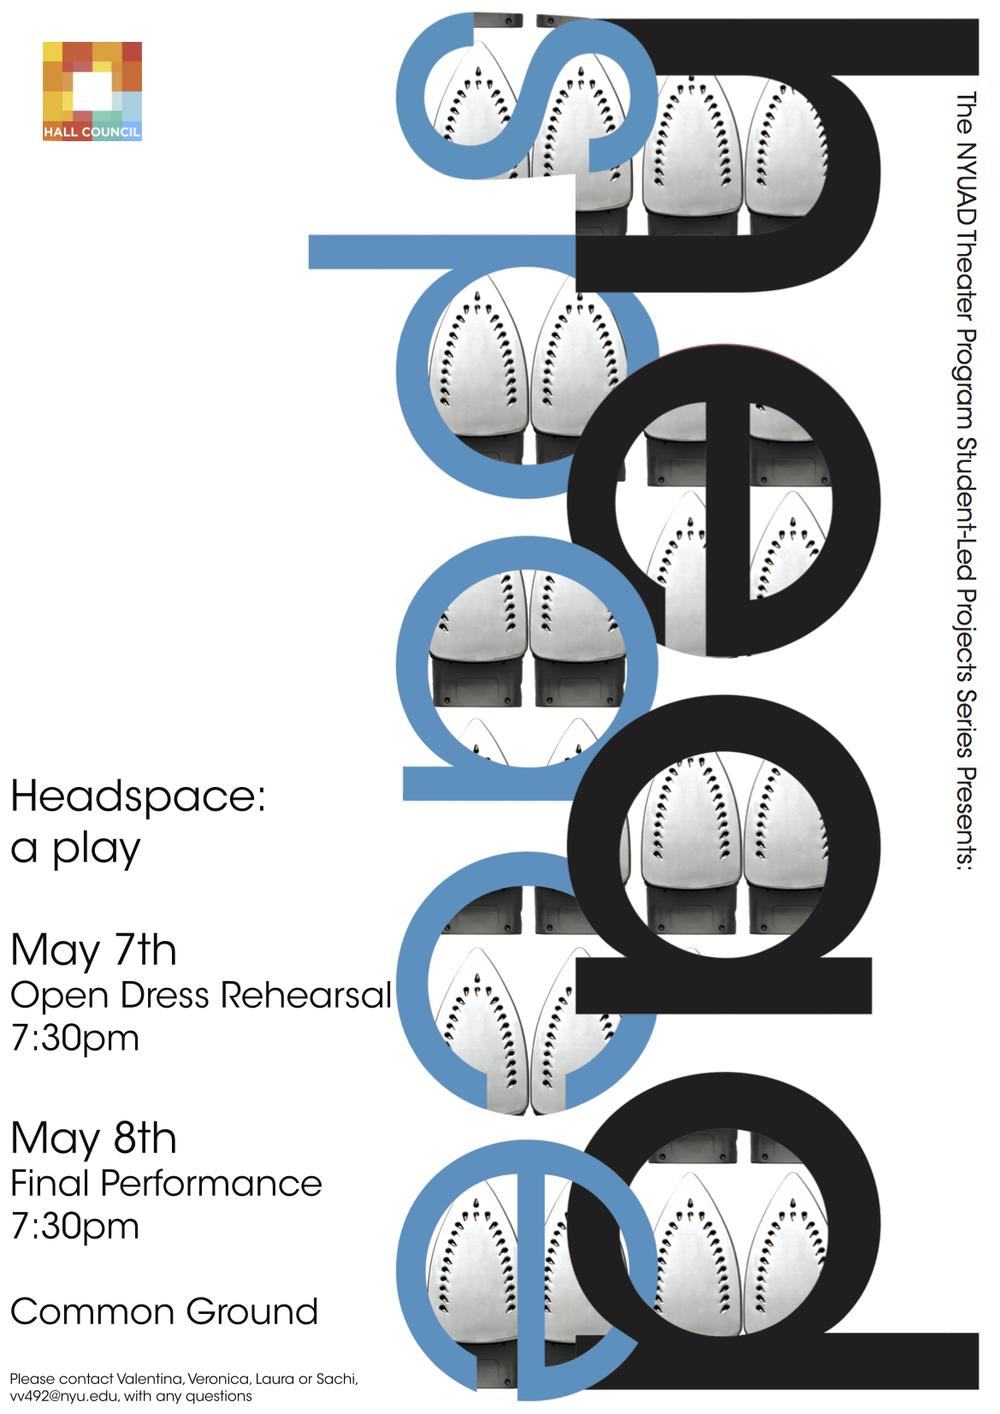 HeadspacePosters.jpg